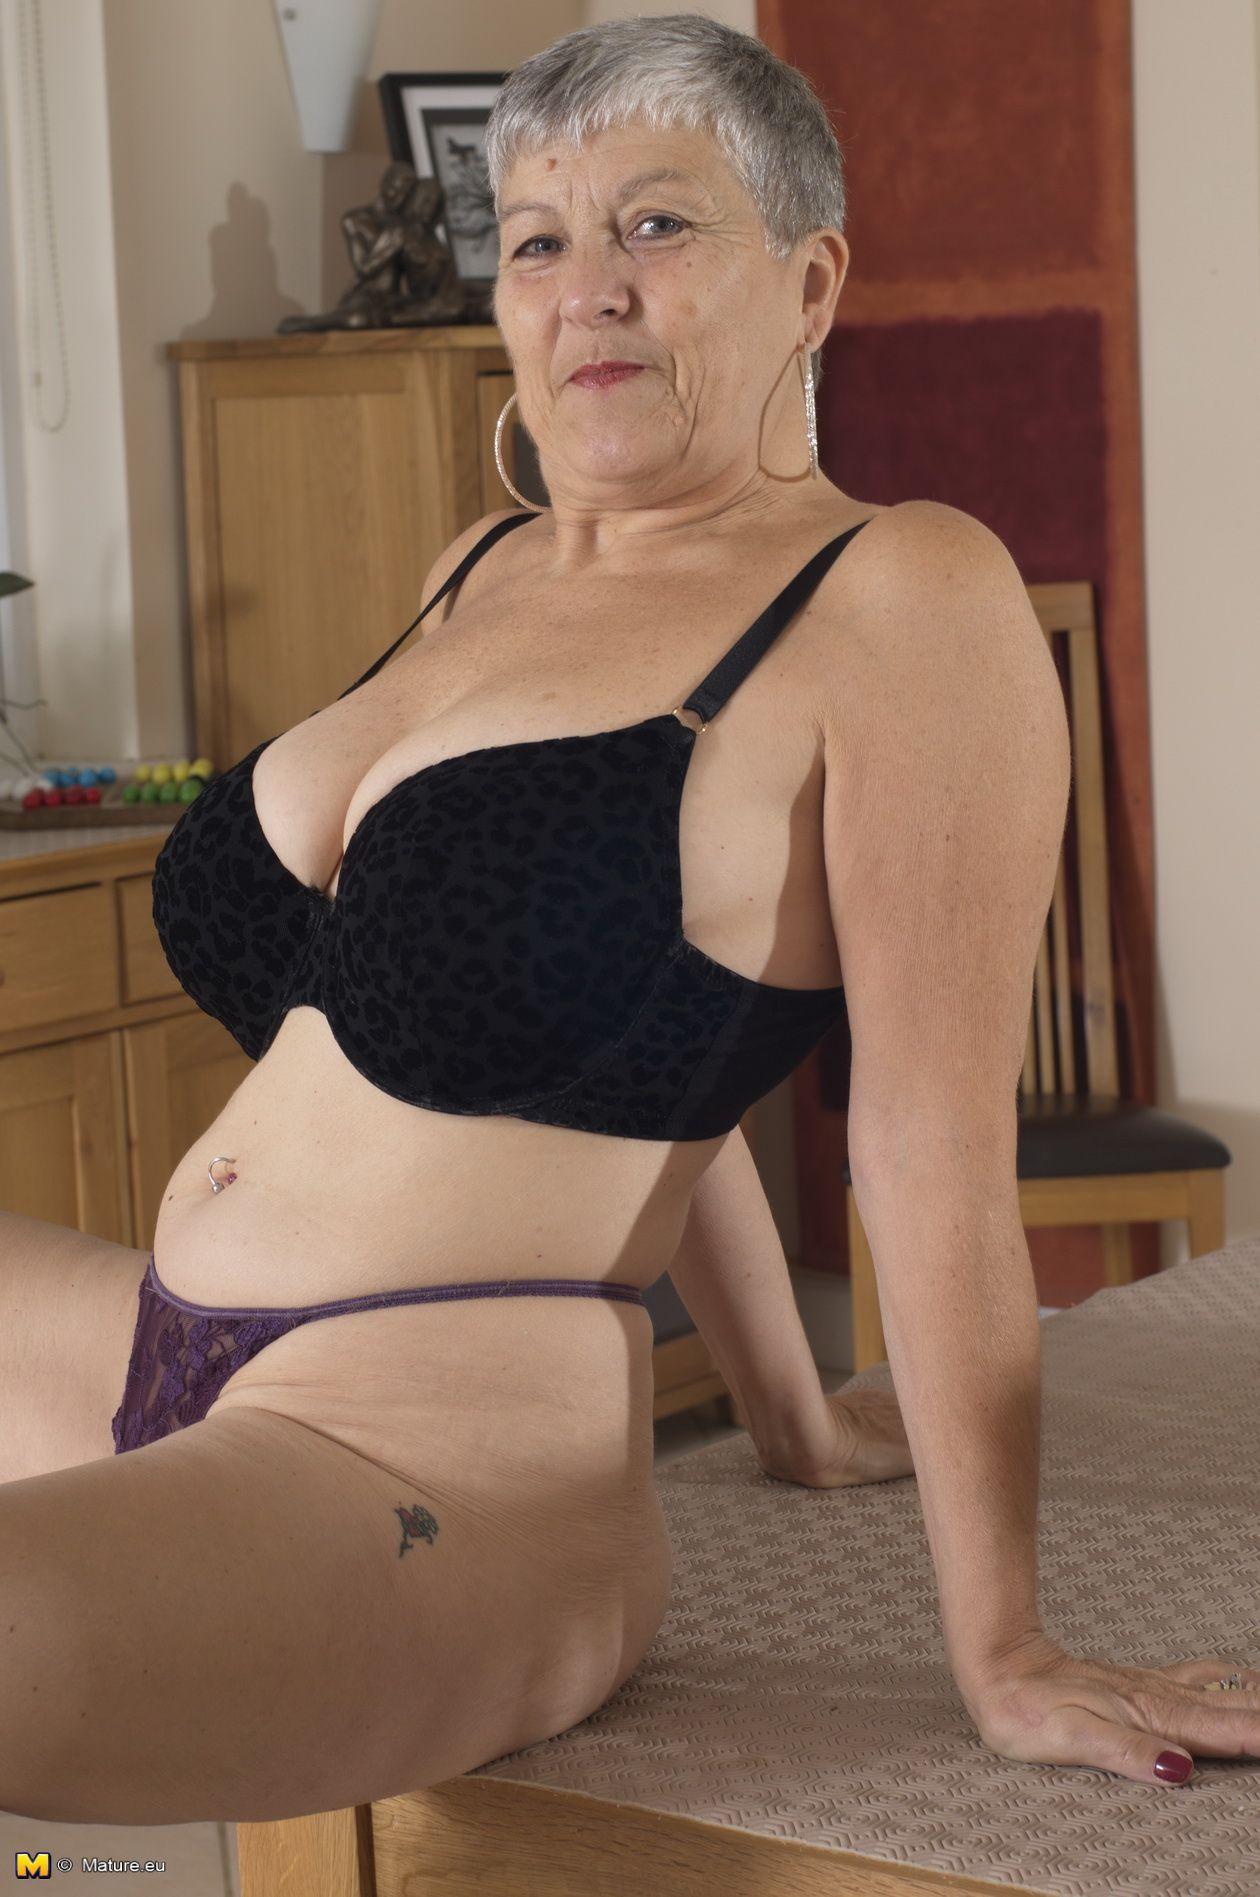 skinny granny topless